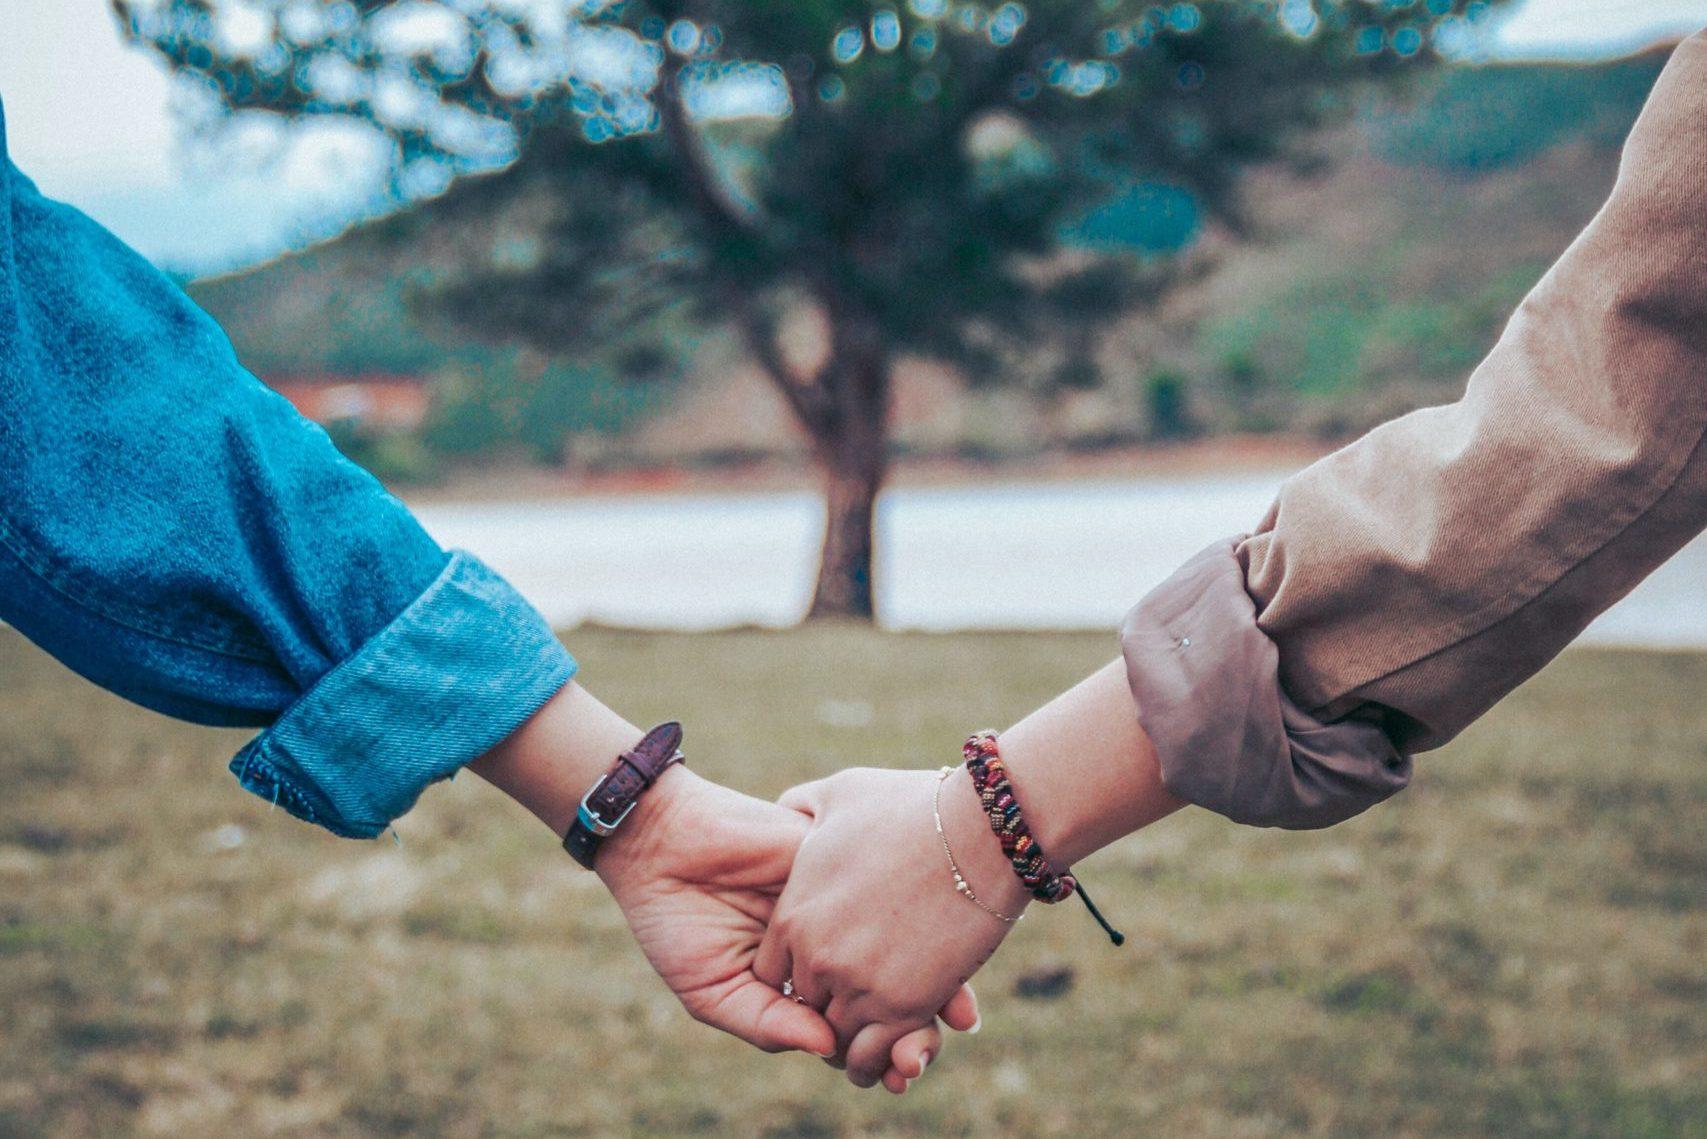 ゲイ男性の「女性に対しての優しさ」と付き合える可能性